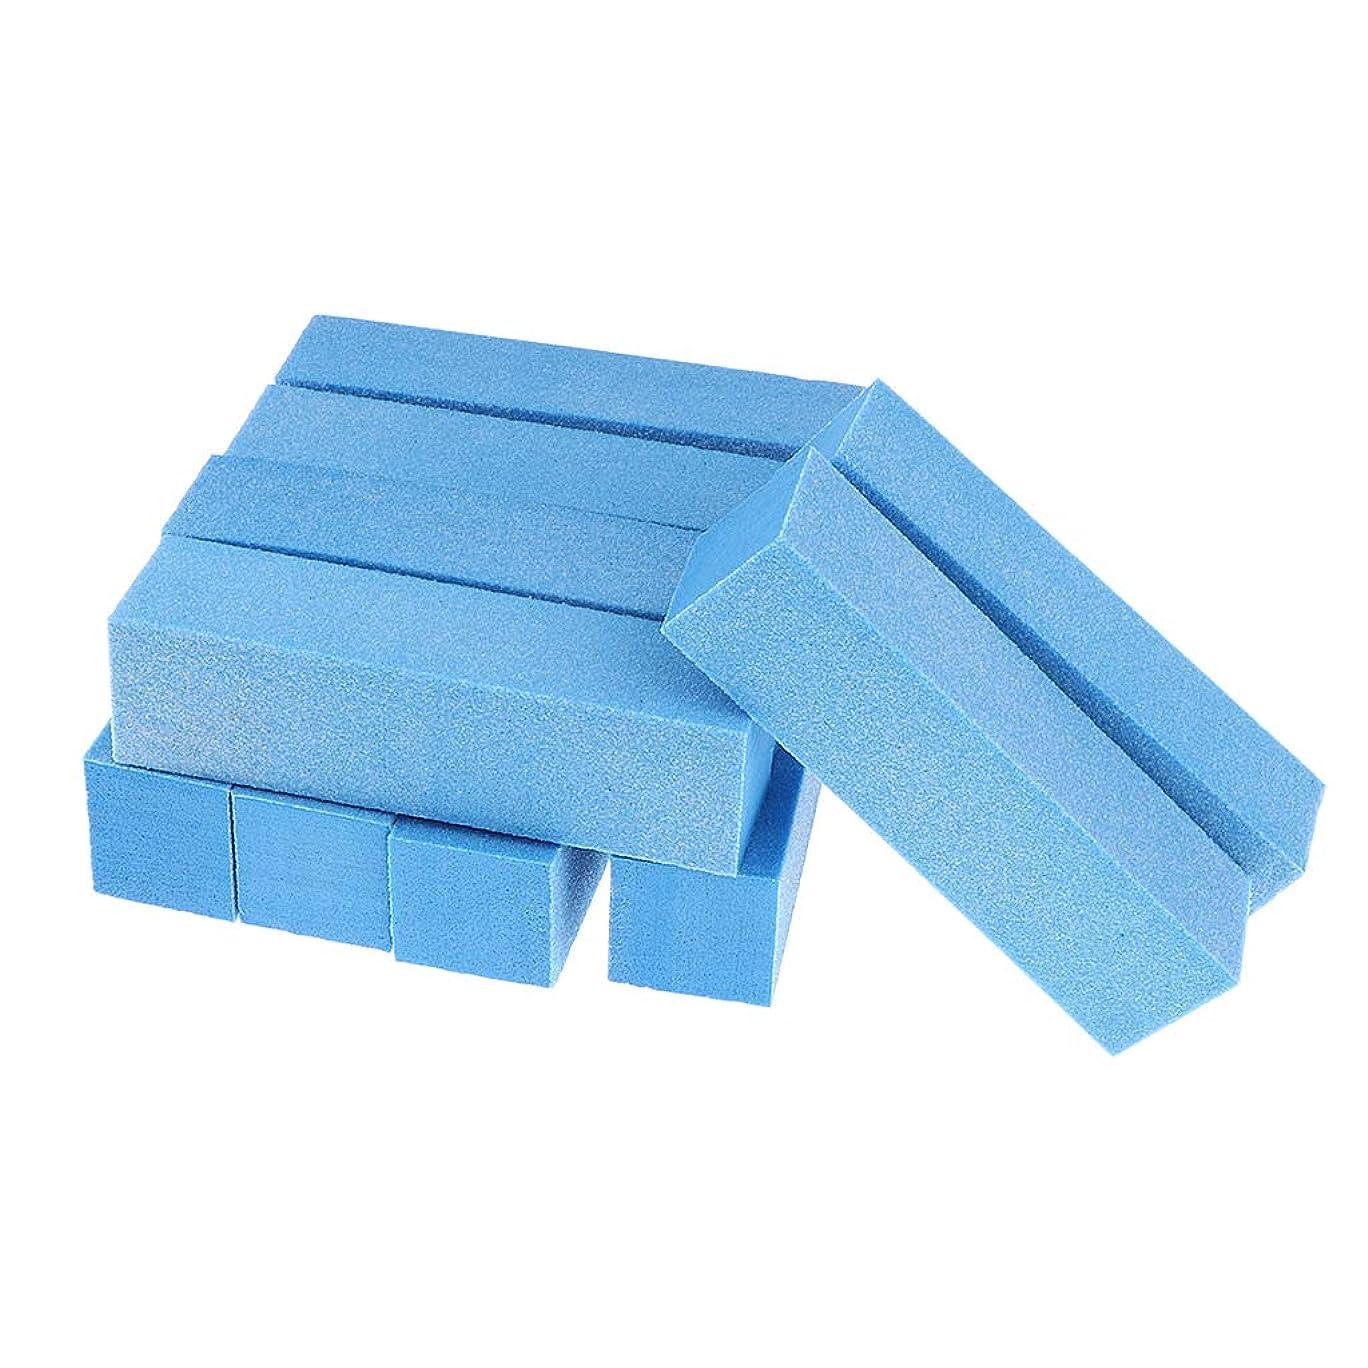 あたたかい辛いCUTICATE 10個 ネイルファイル 爪やすり ネイル道具 ネイルアートツール 全5色 - 青